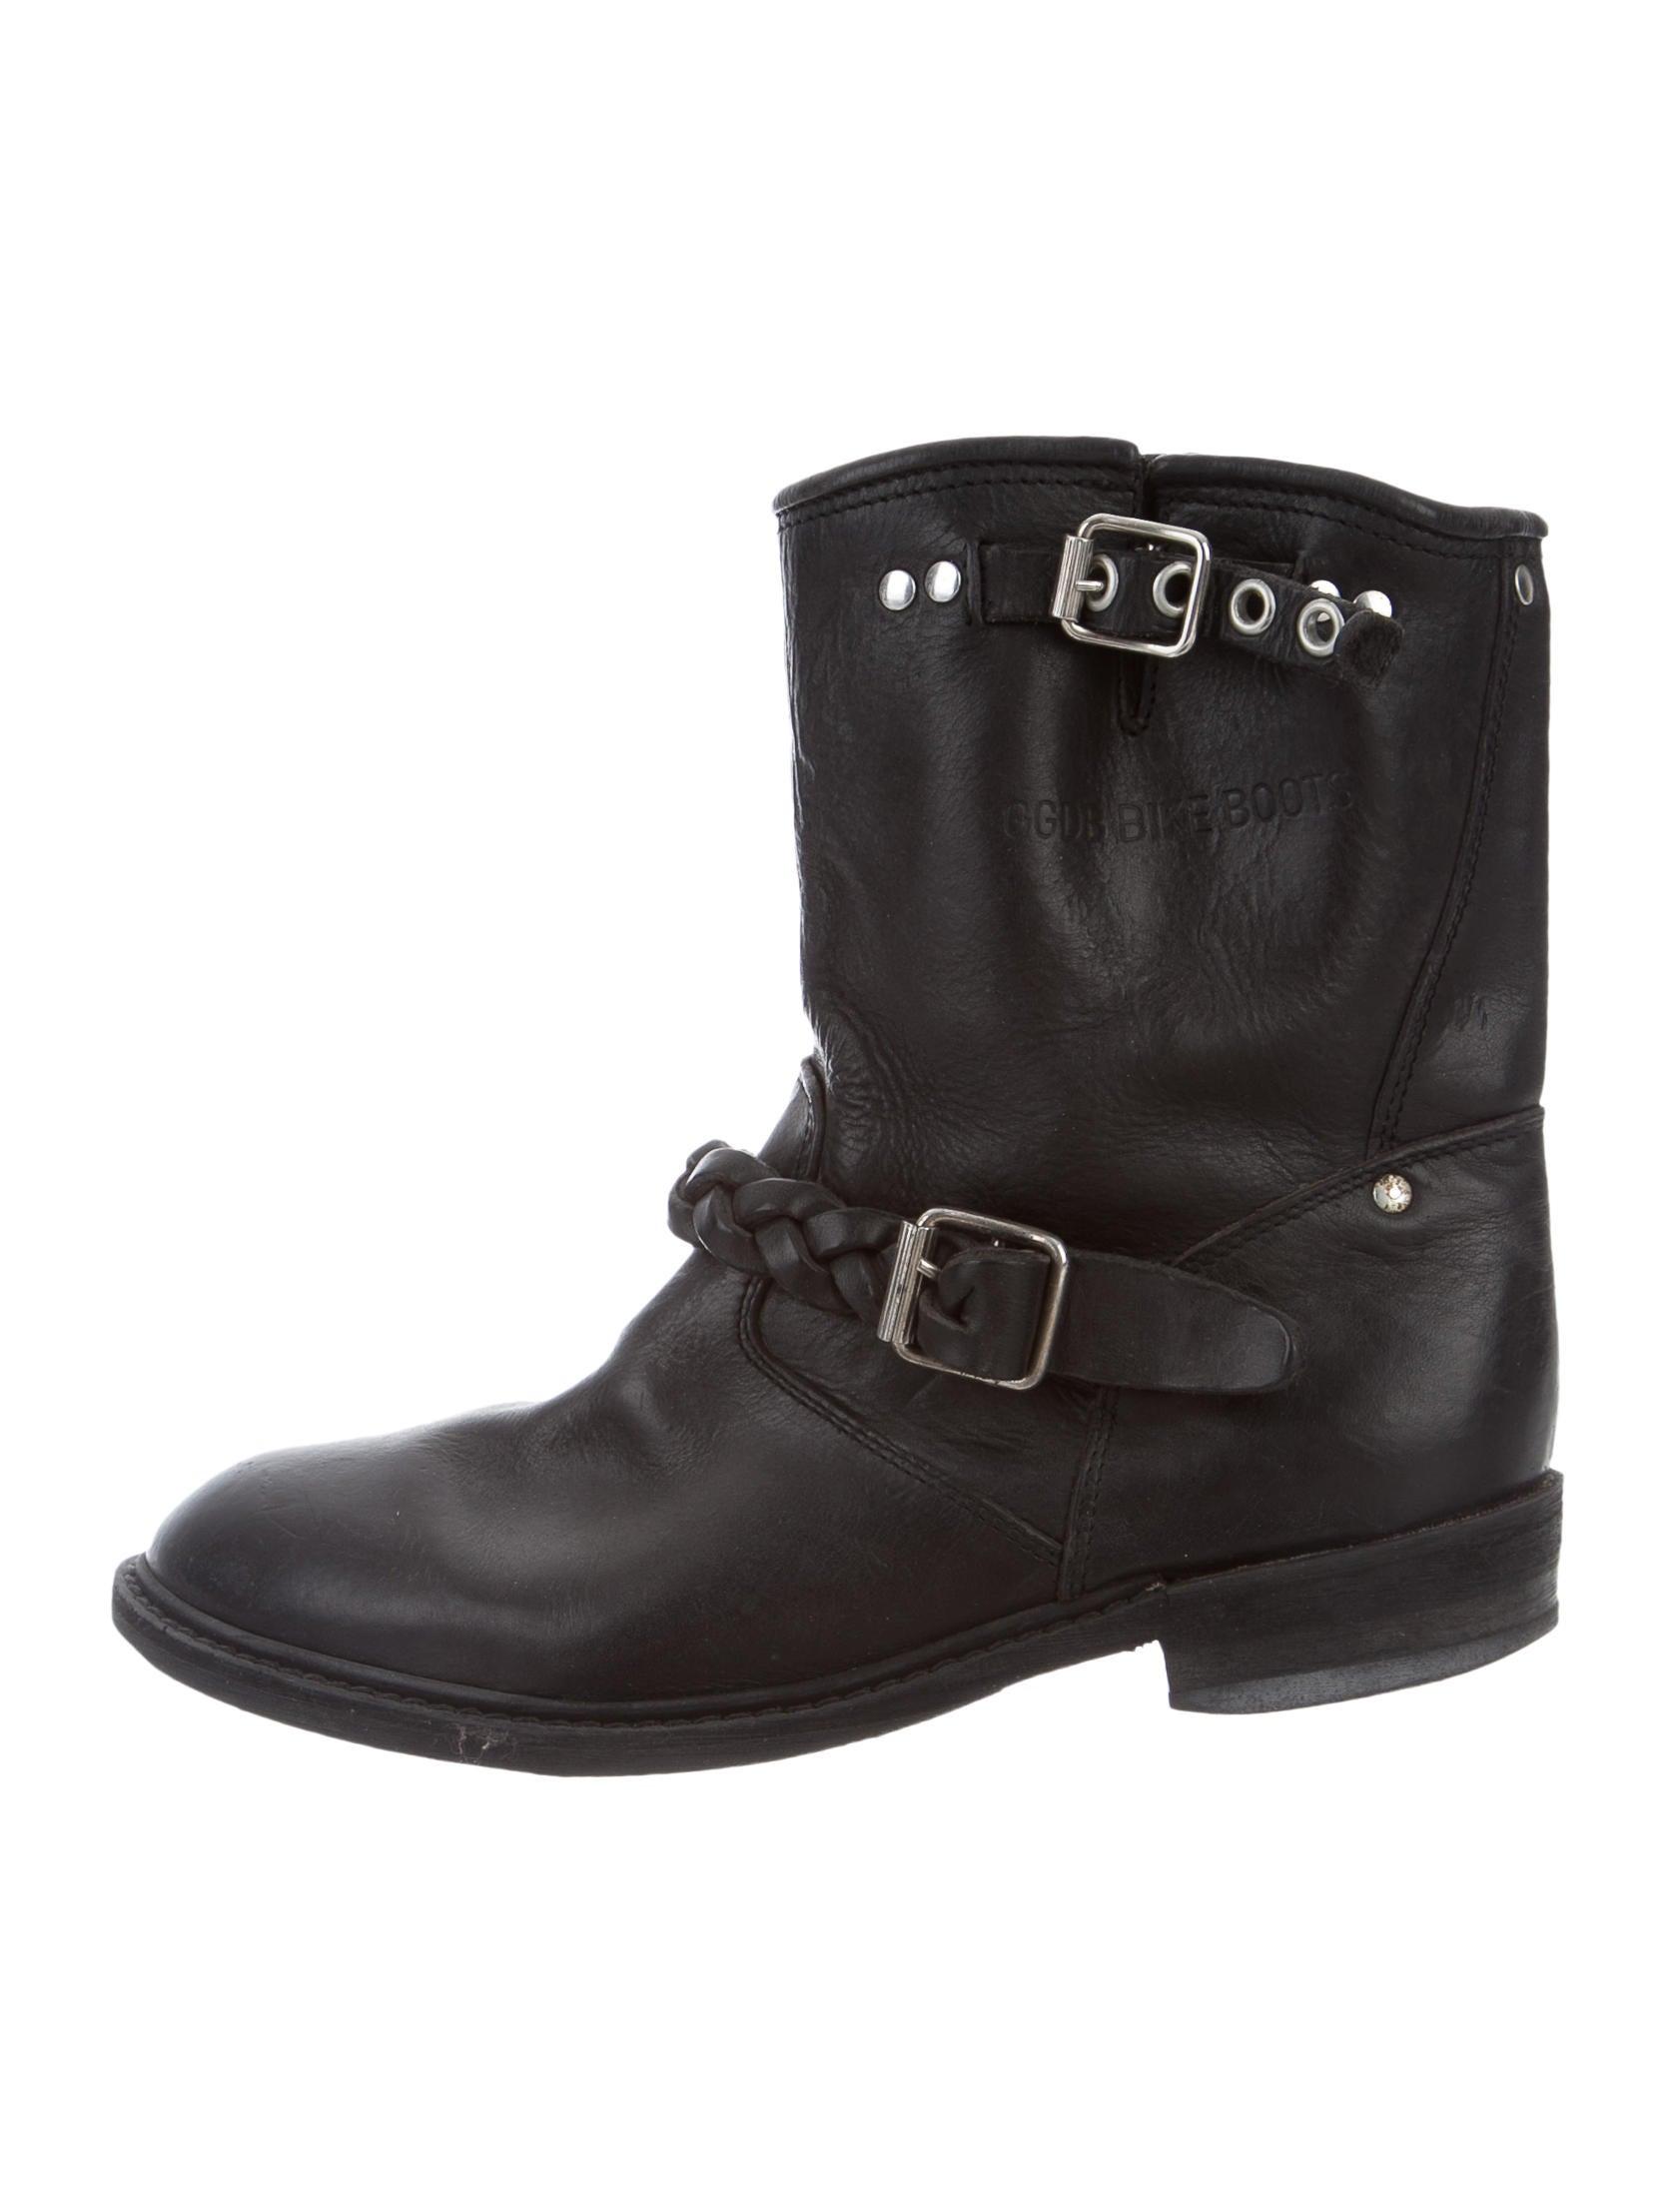 golden goose biker ankle boots shoes wg523278 the realreal. Black Bedroom Furniture Sets. Home Design Ideas